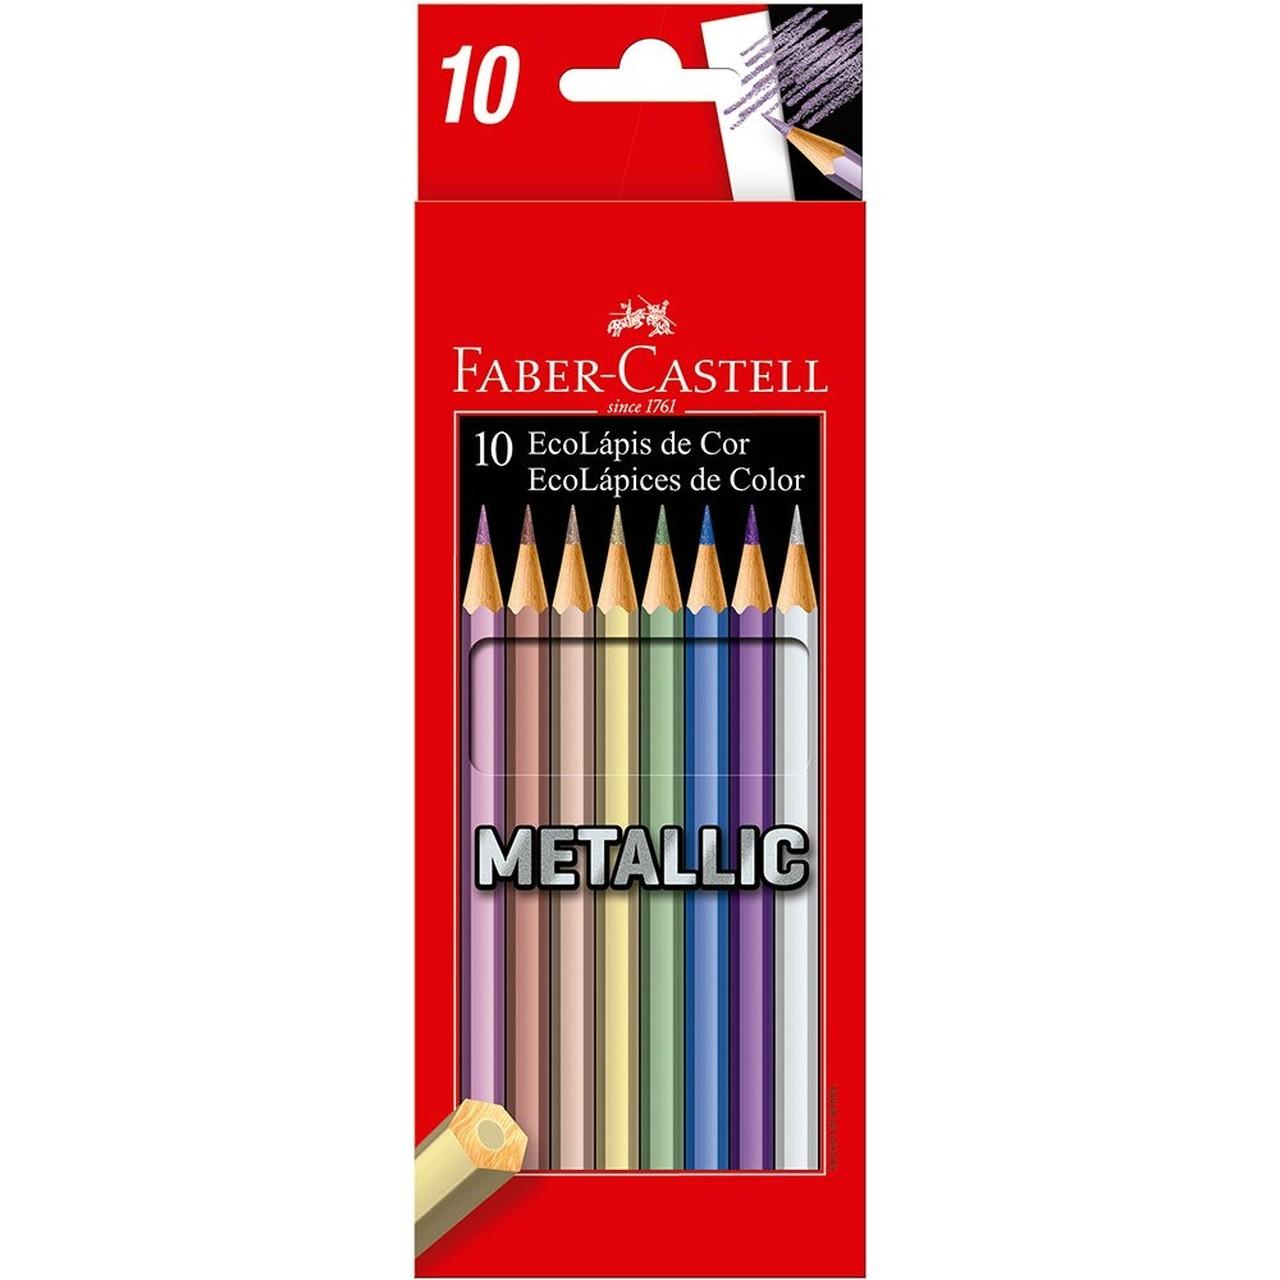 Lápis de Cor Metálico Ecolápis Com 10 Cores - Faber Castell